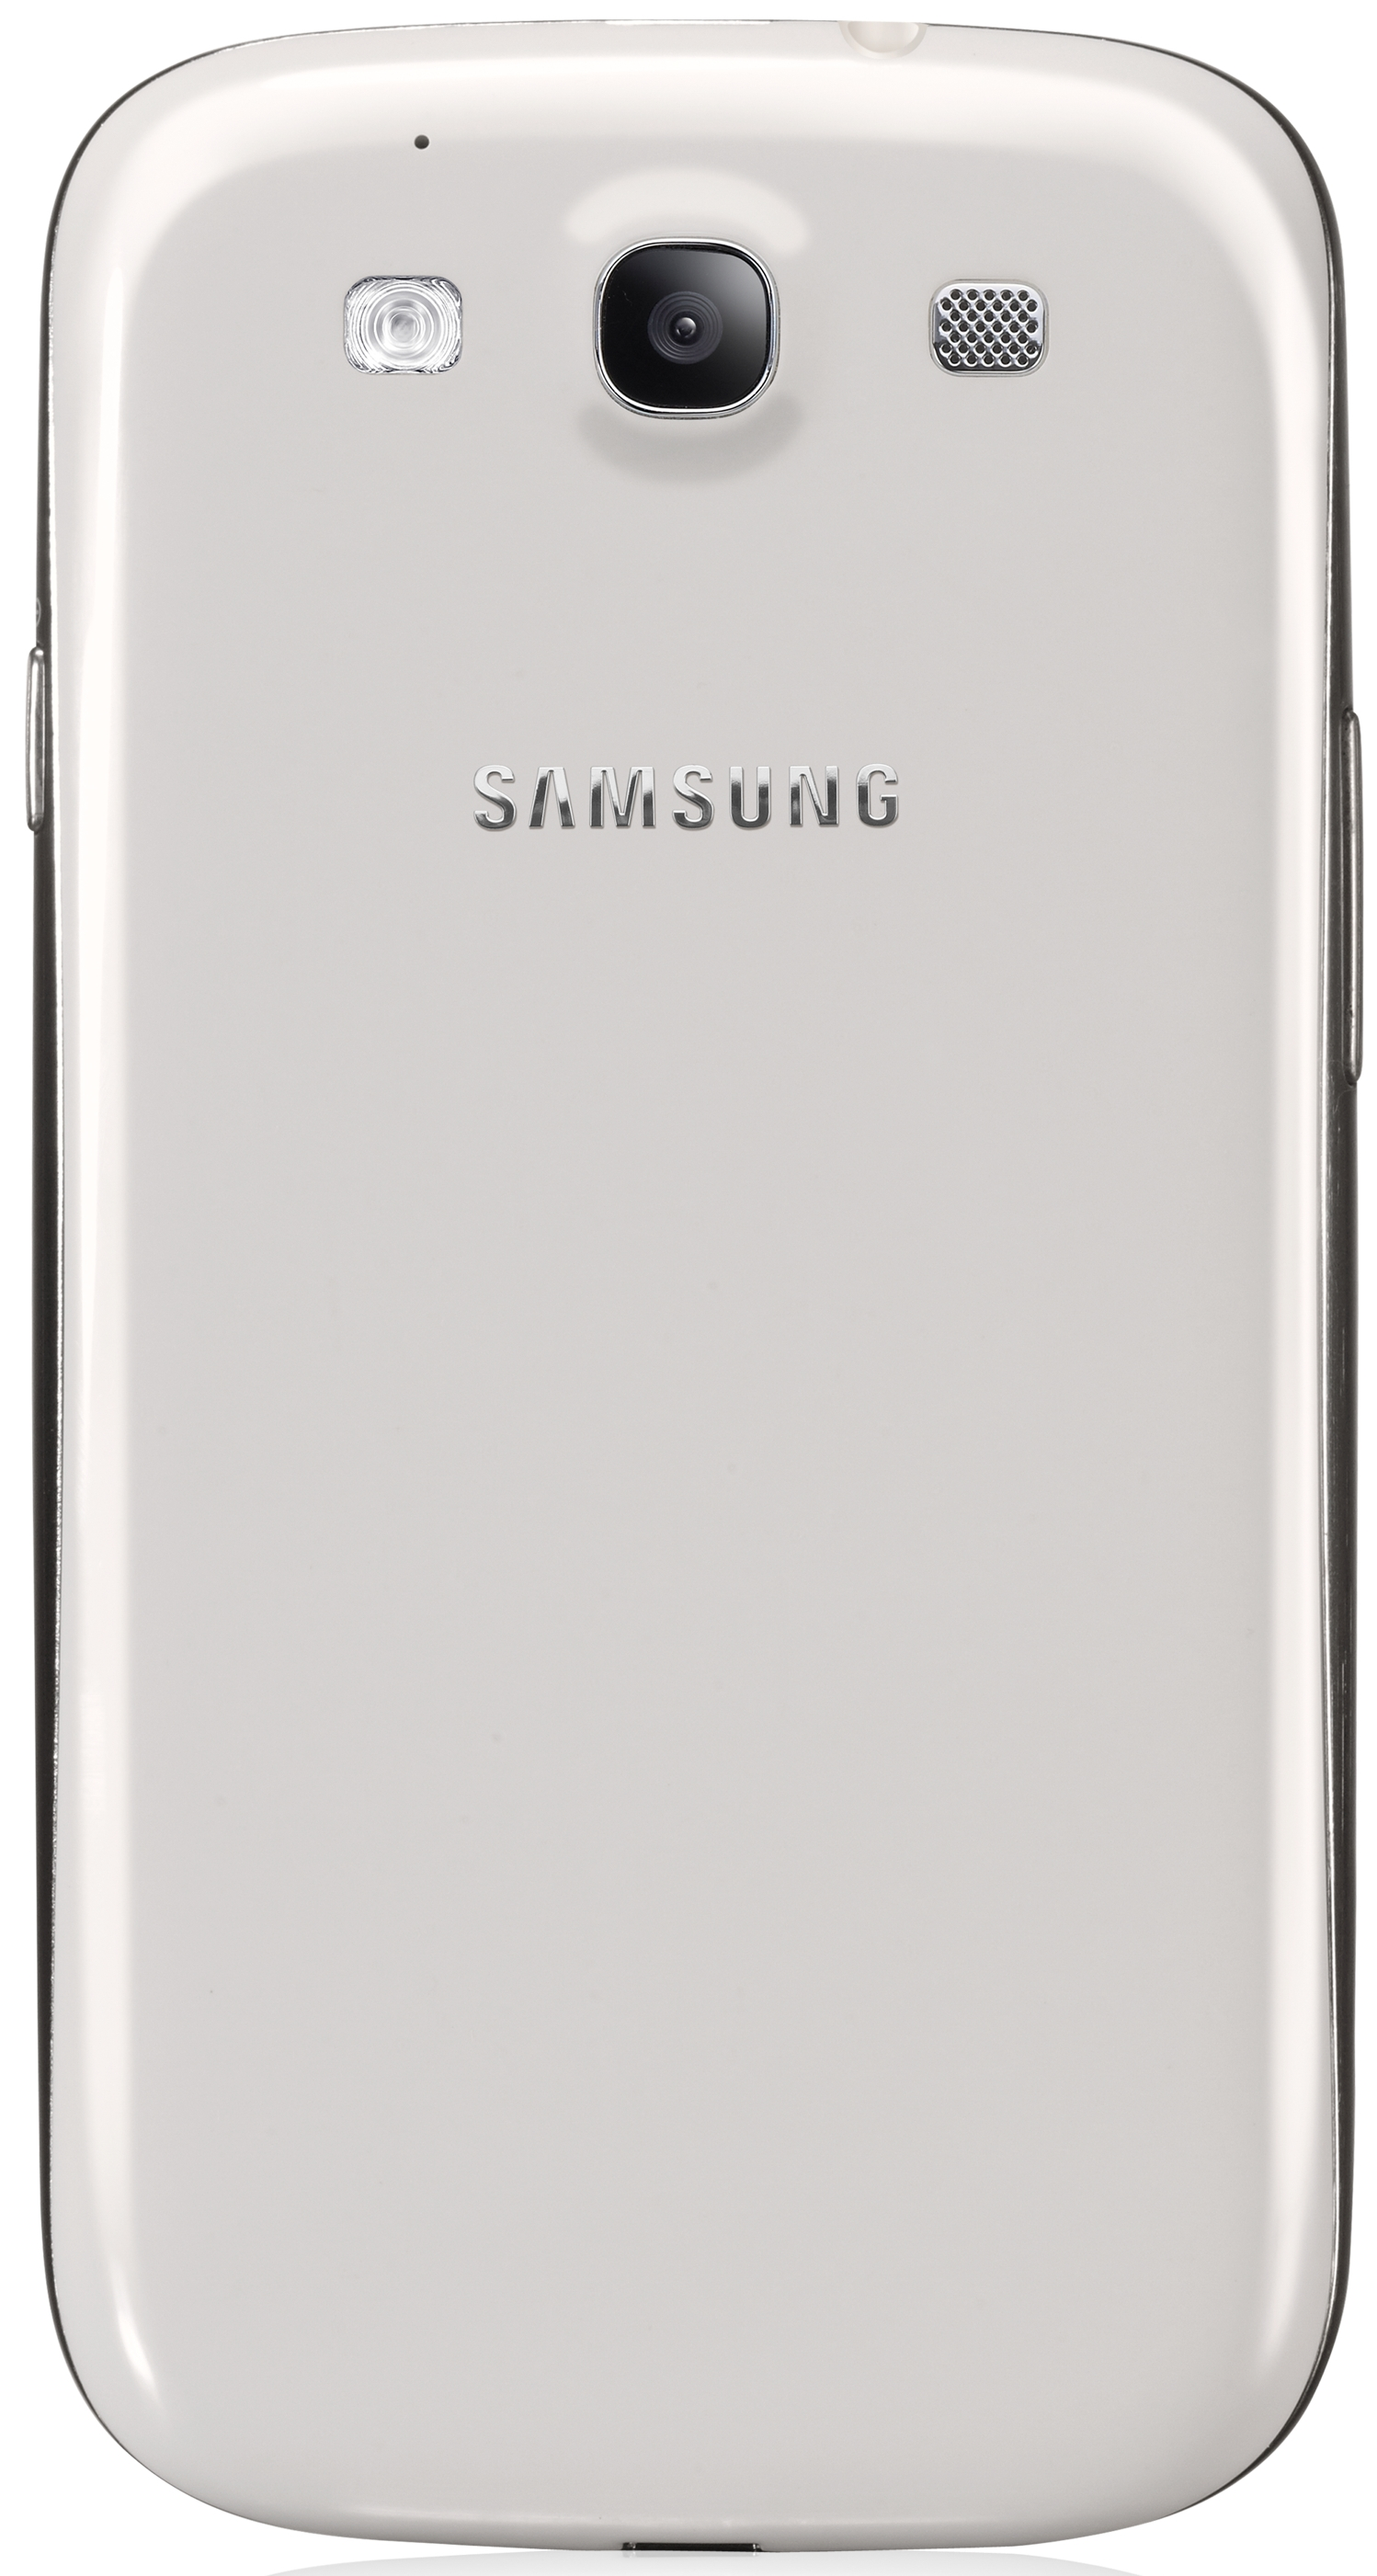 Смартфон Samsung Galaxy S Iii Gt I9300 купить цены